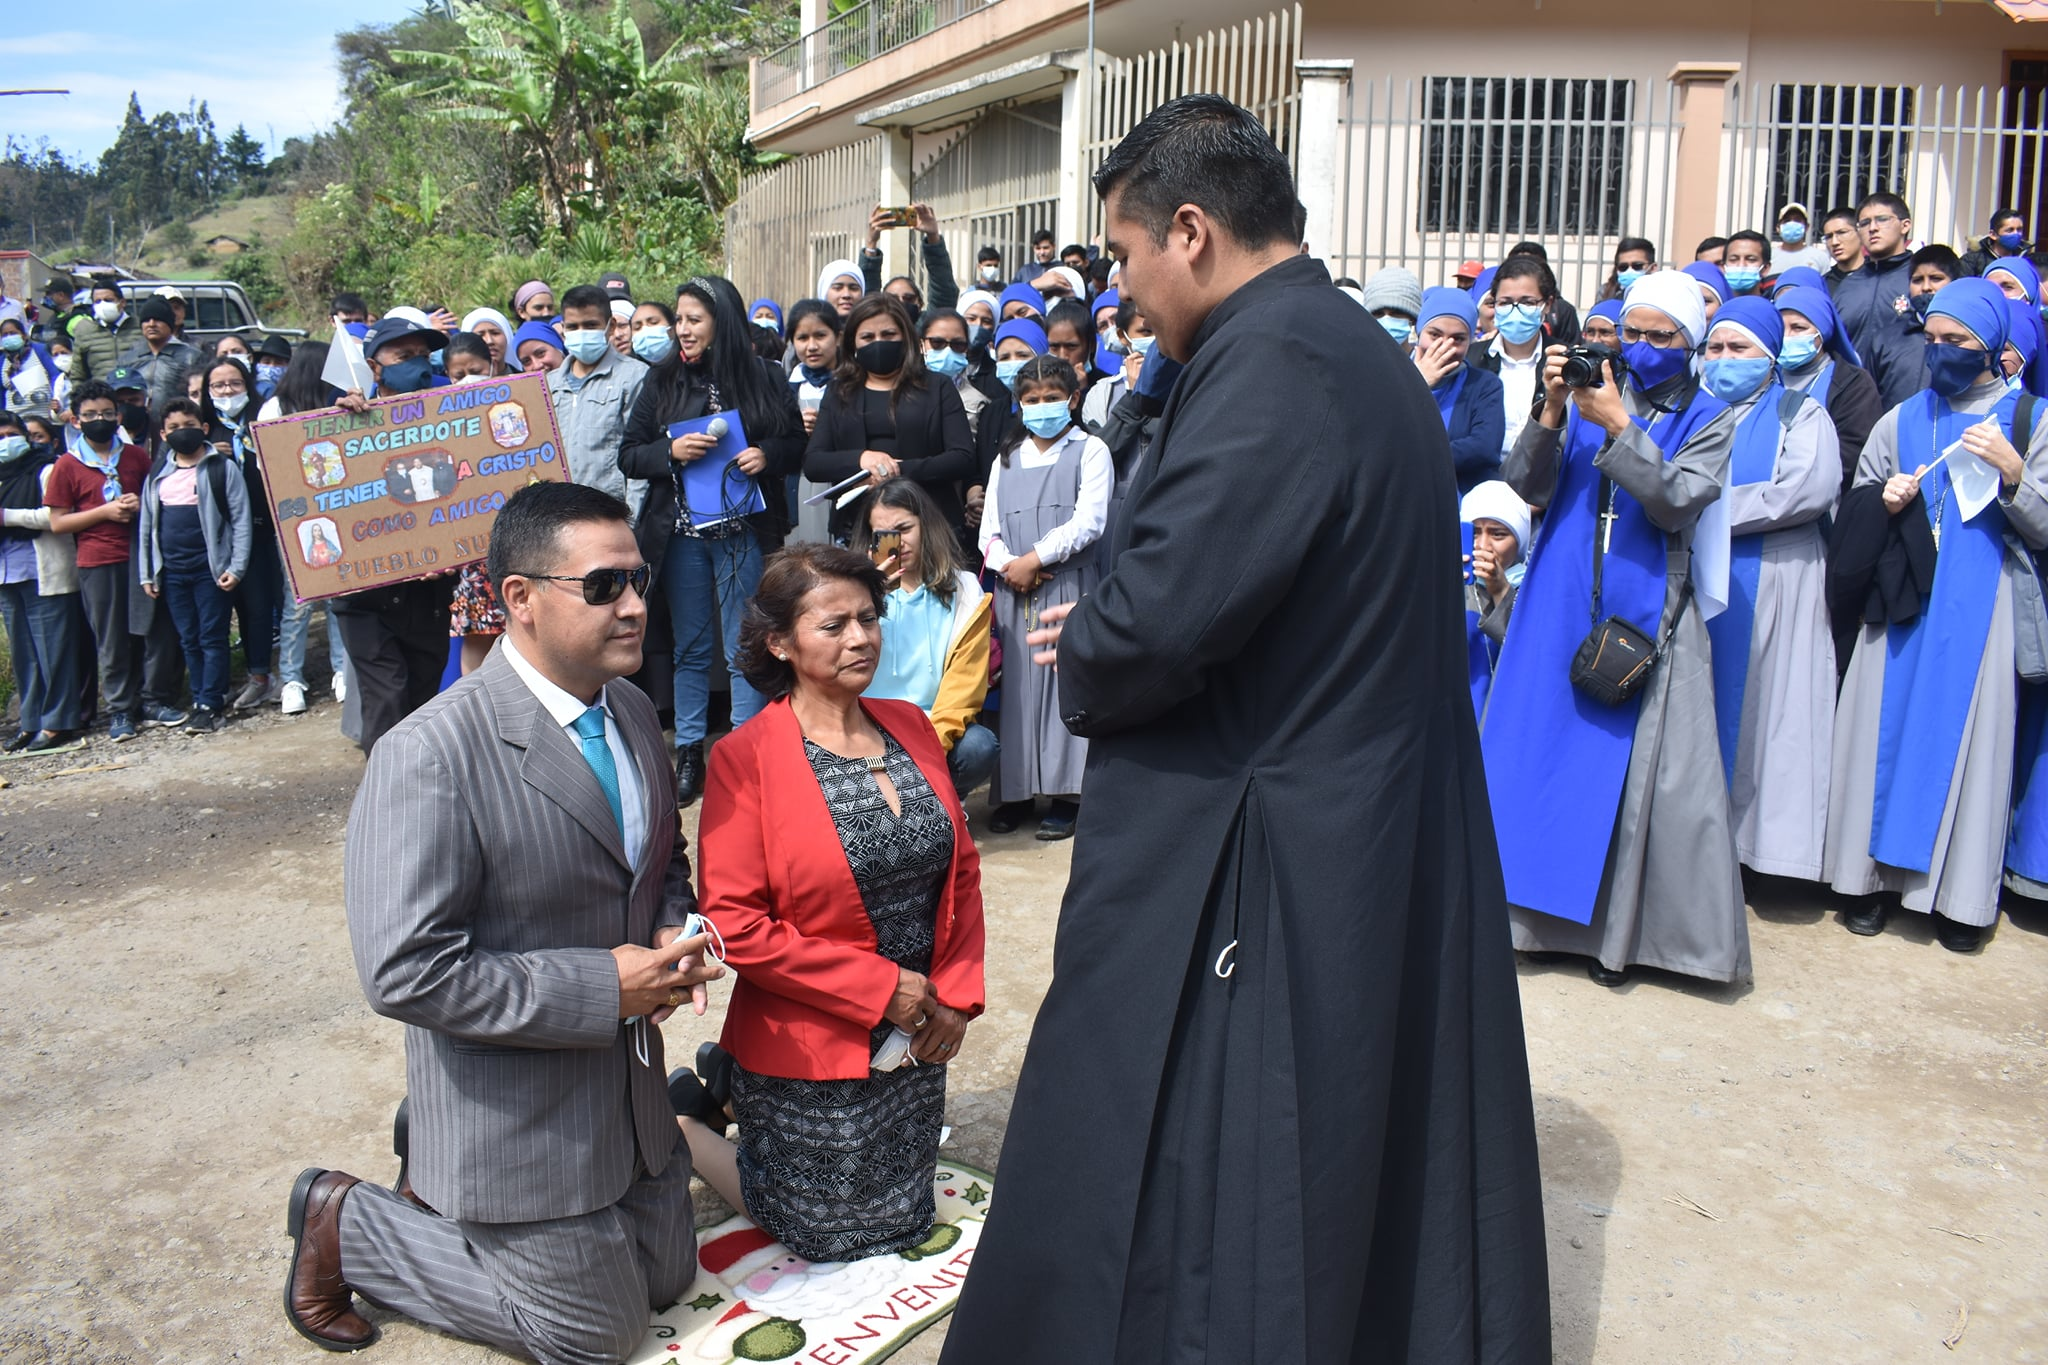 Ecuador - Primera Misa del P. Víctor en la Parroquia de Zamora Huayco y Taquil